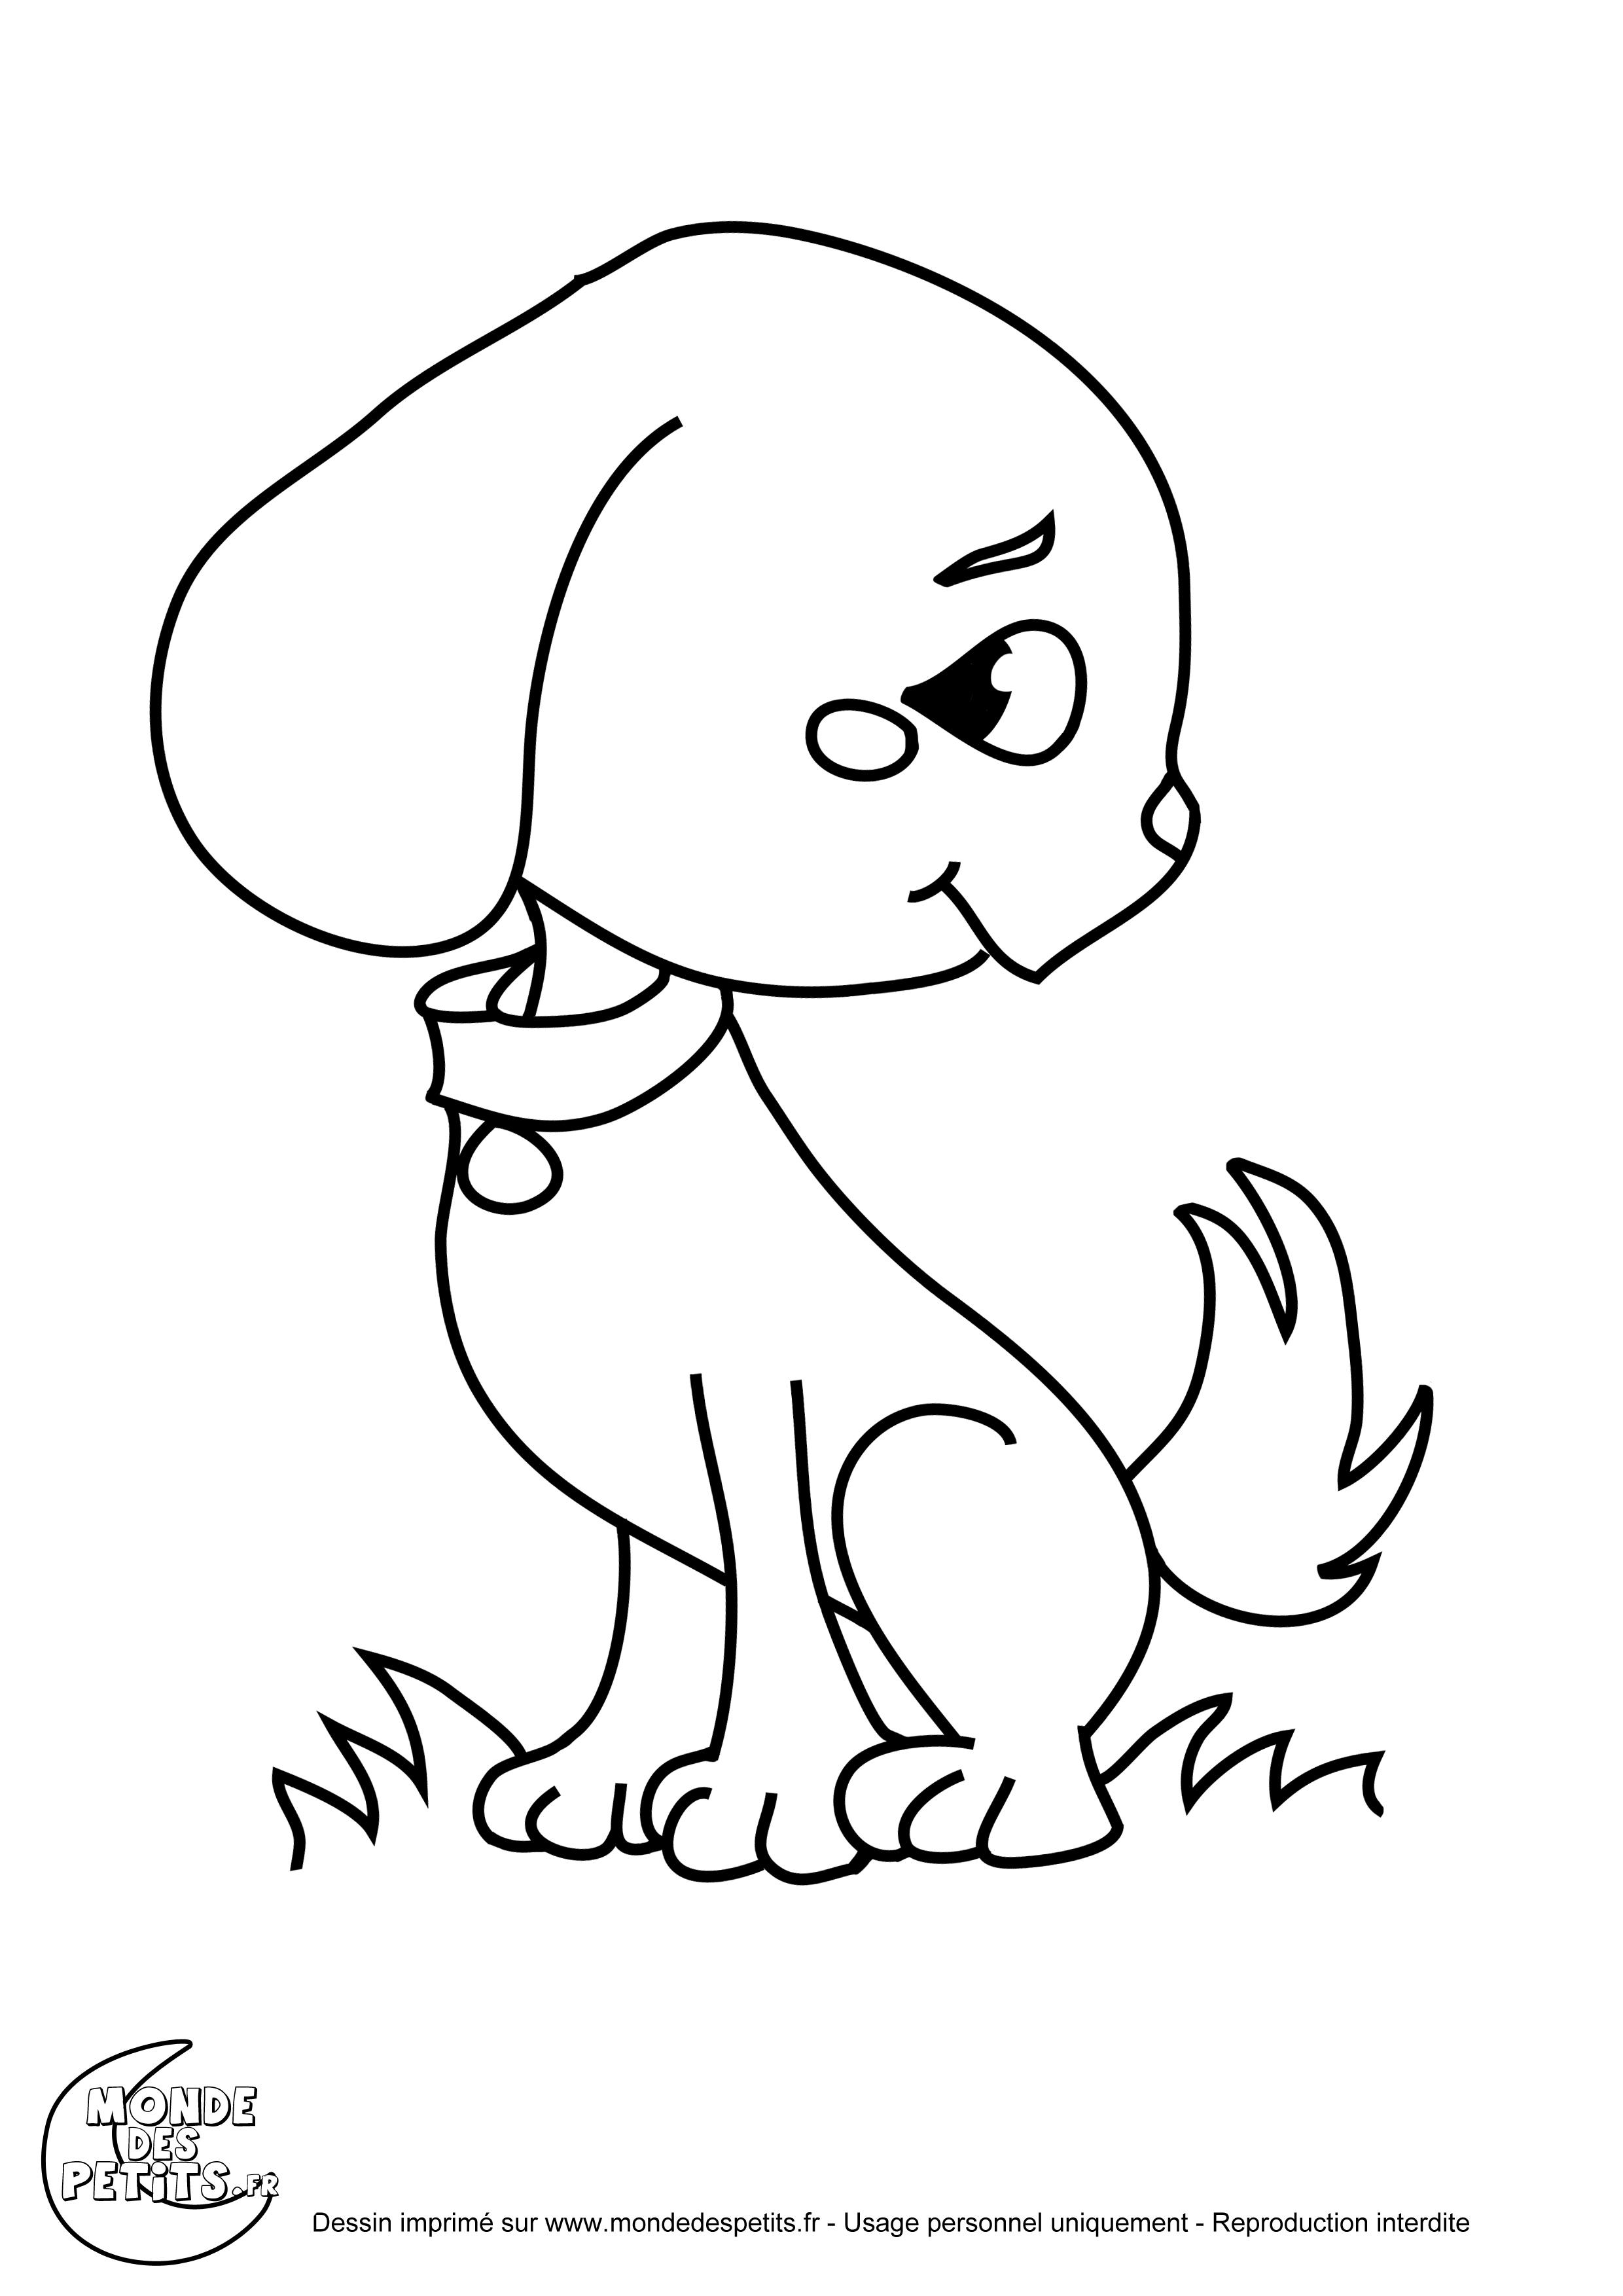 Coloriage chiot a imprimer gratuit - Coloriage de chien ...